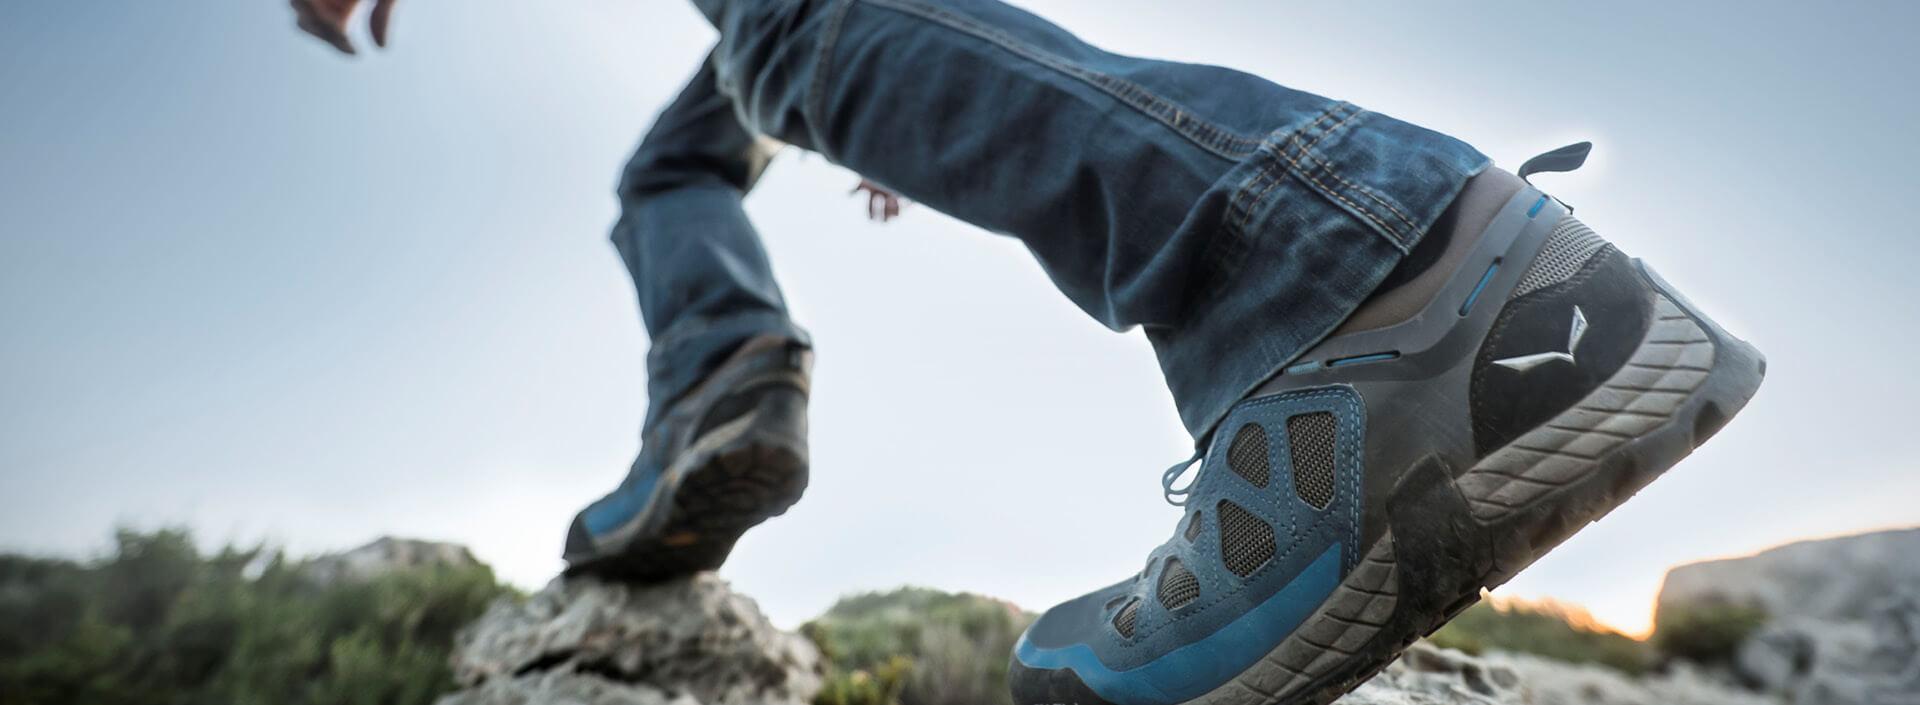 Jak wybrać buty trekkingowe skalnik.pl